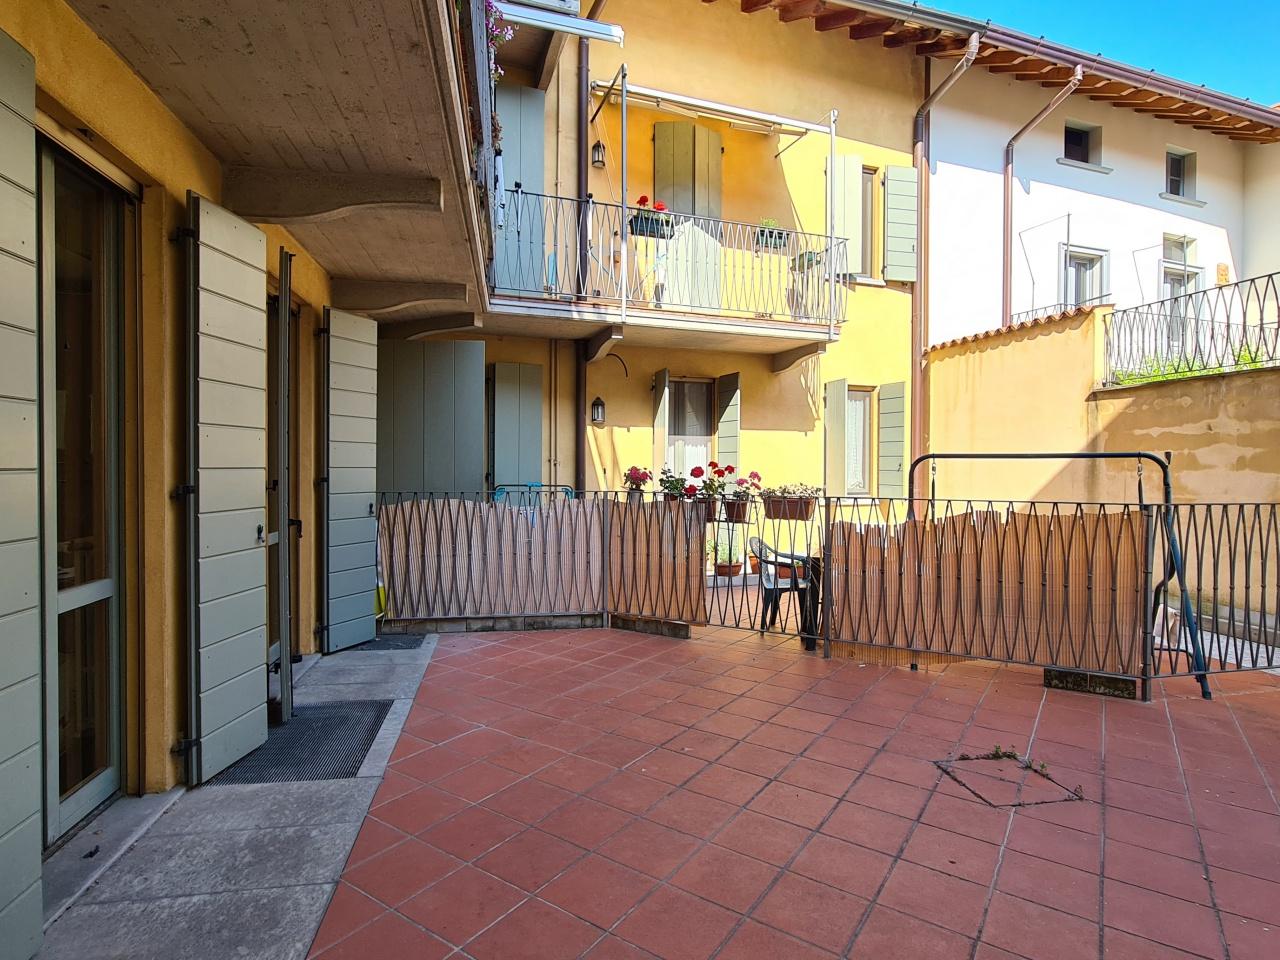 Appartamento in vendita a Treviglio, 3 locali, prezzo € 165.000 | PortaleAgenzieImmobiliari.it